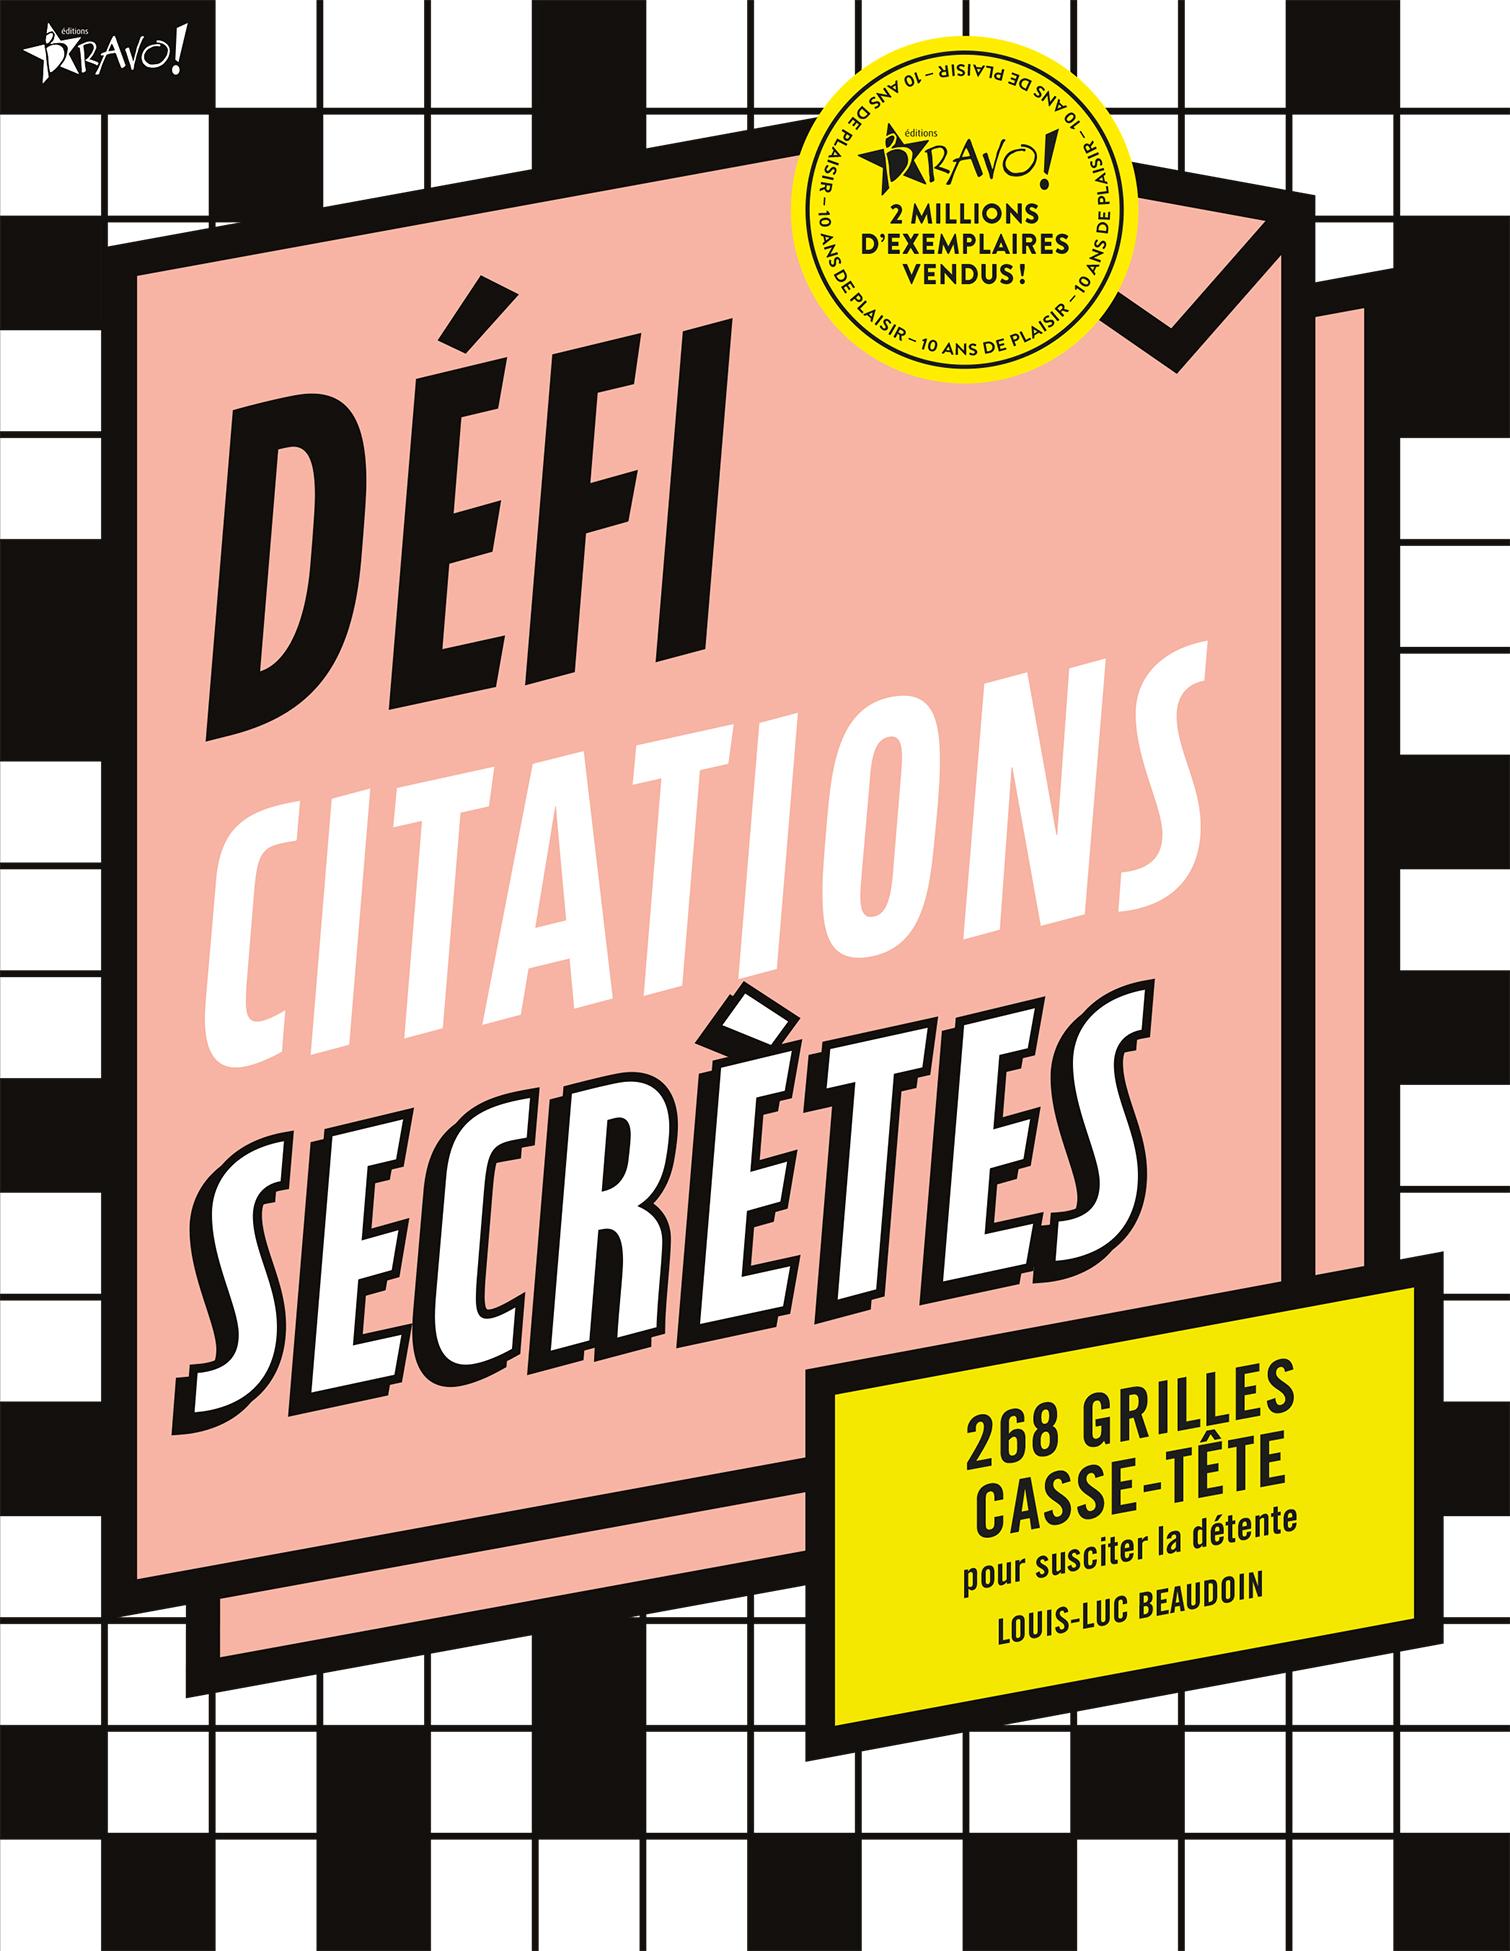 322_DefiCitationsSecretes_C1